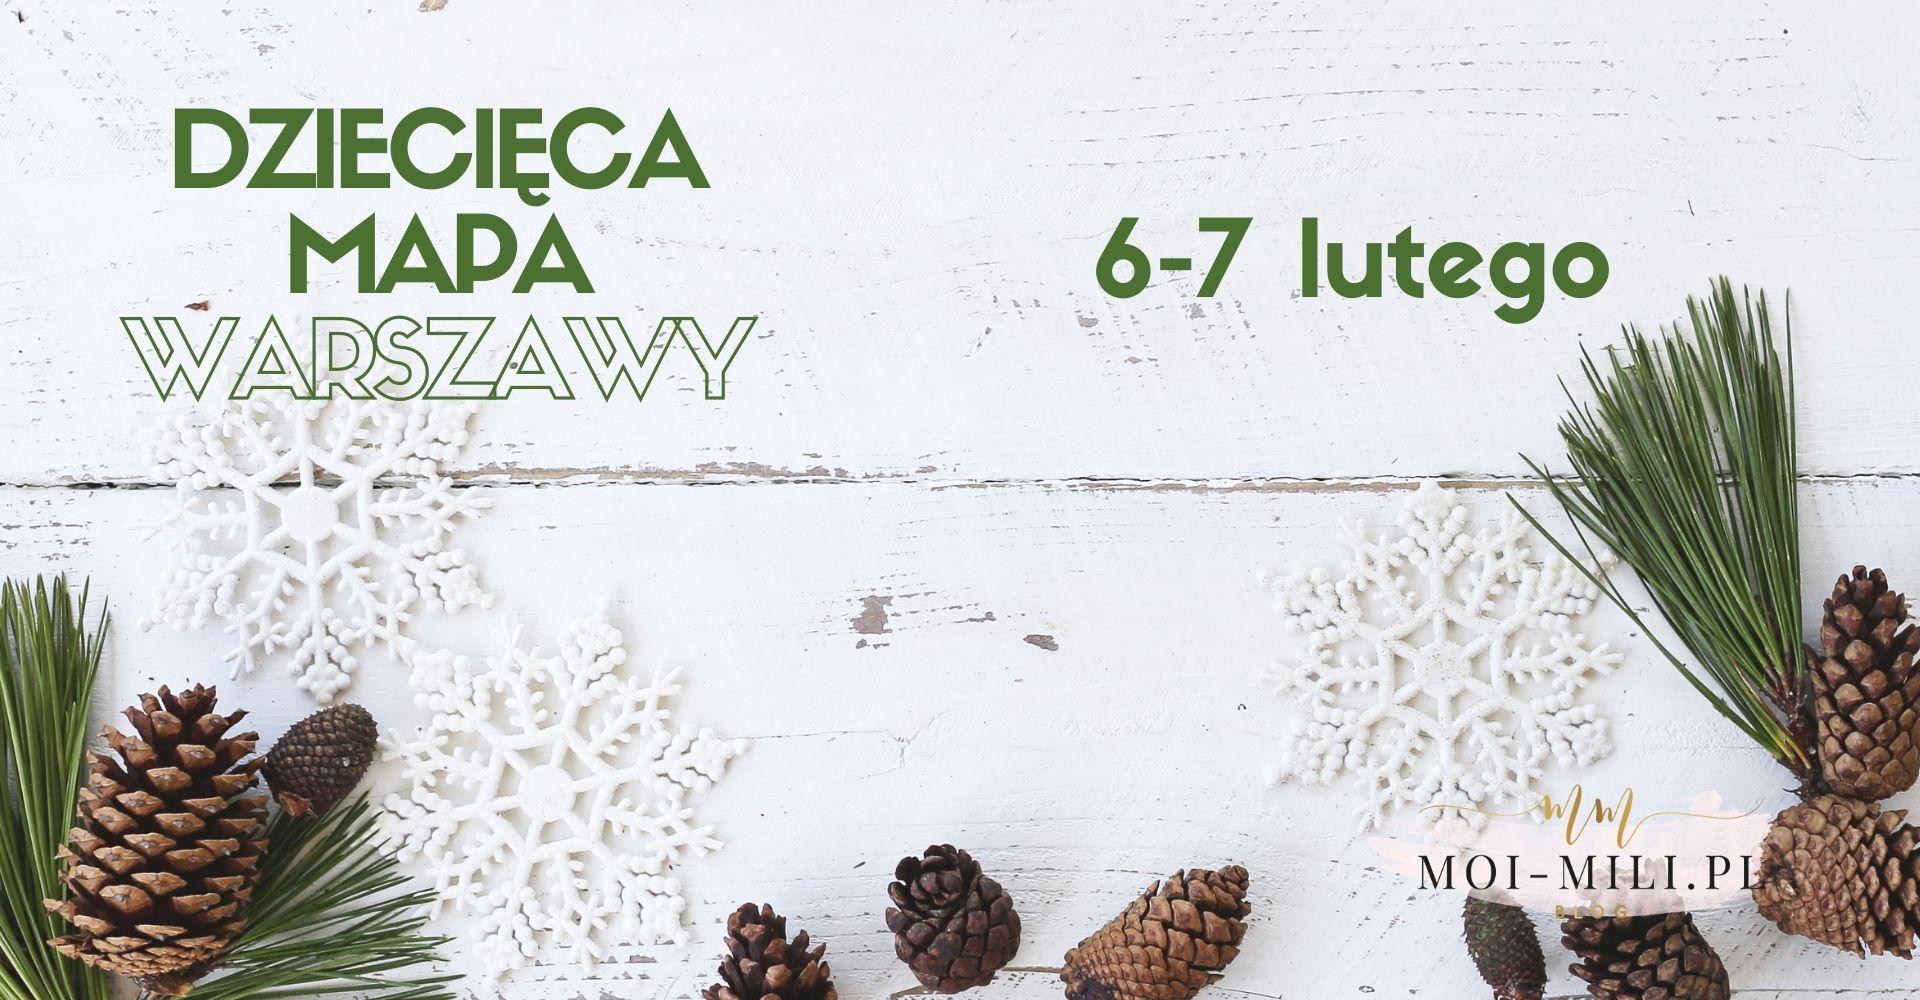 Weekendowa Zajawka, czyli co robić z dzieckiem w Warszawie 6-7 lutego